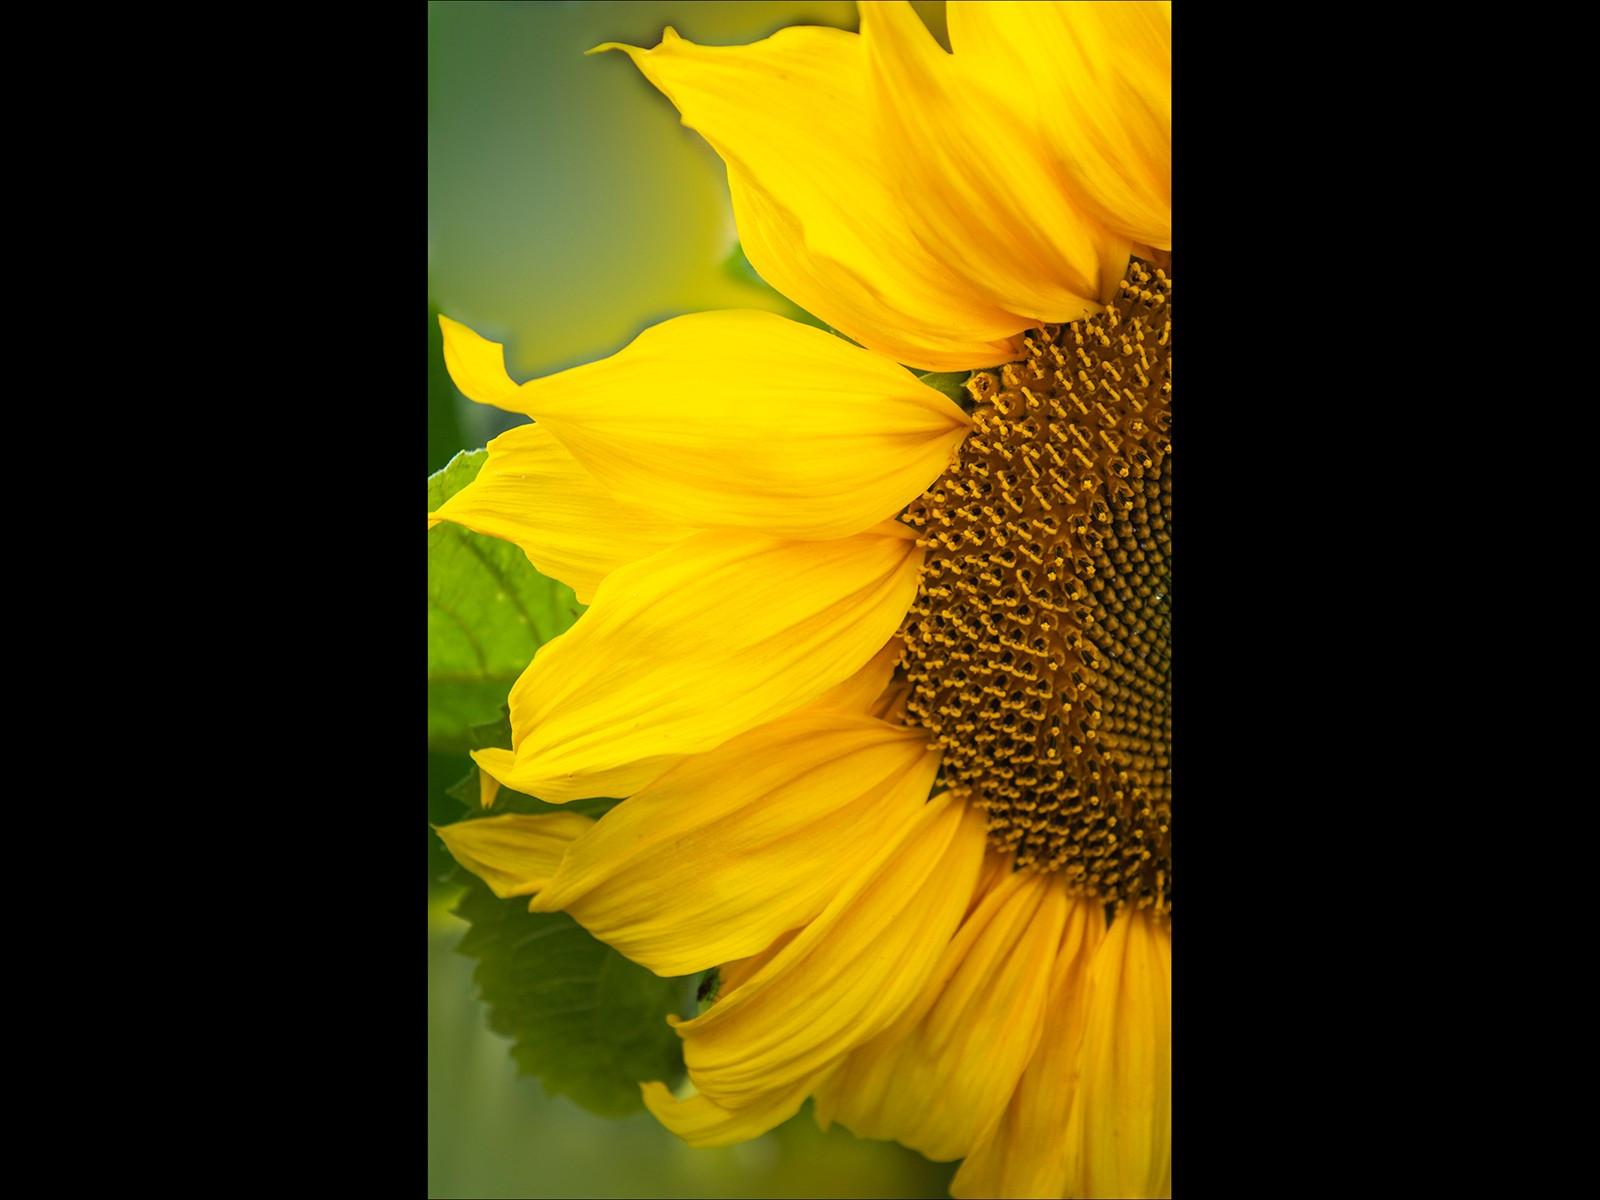 Garden Sunflower detail